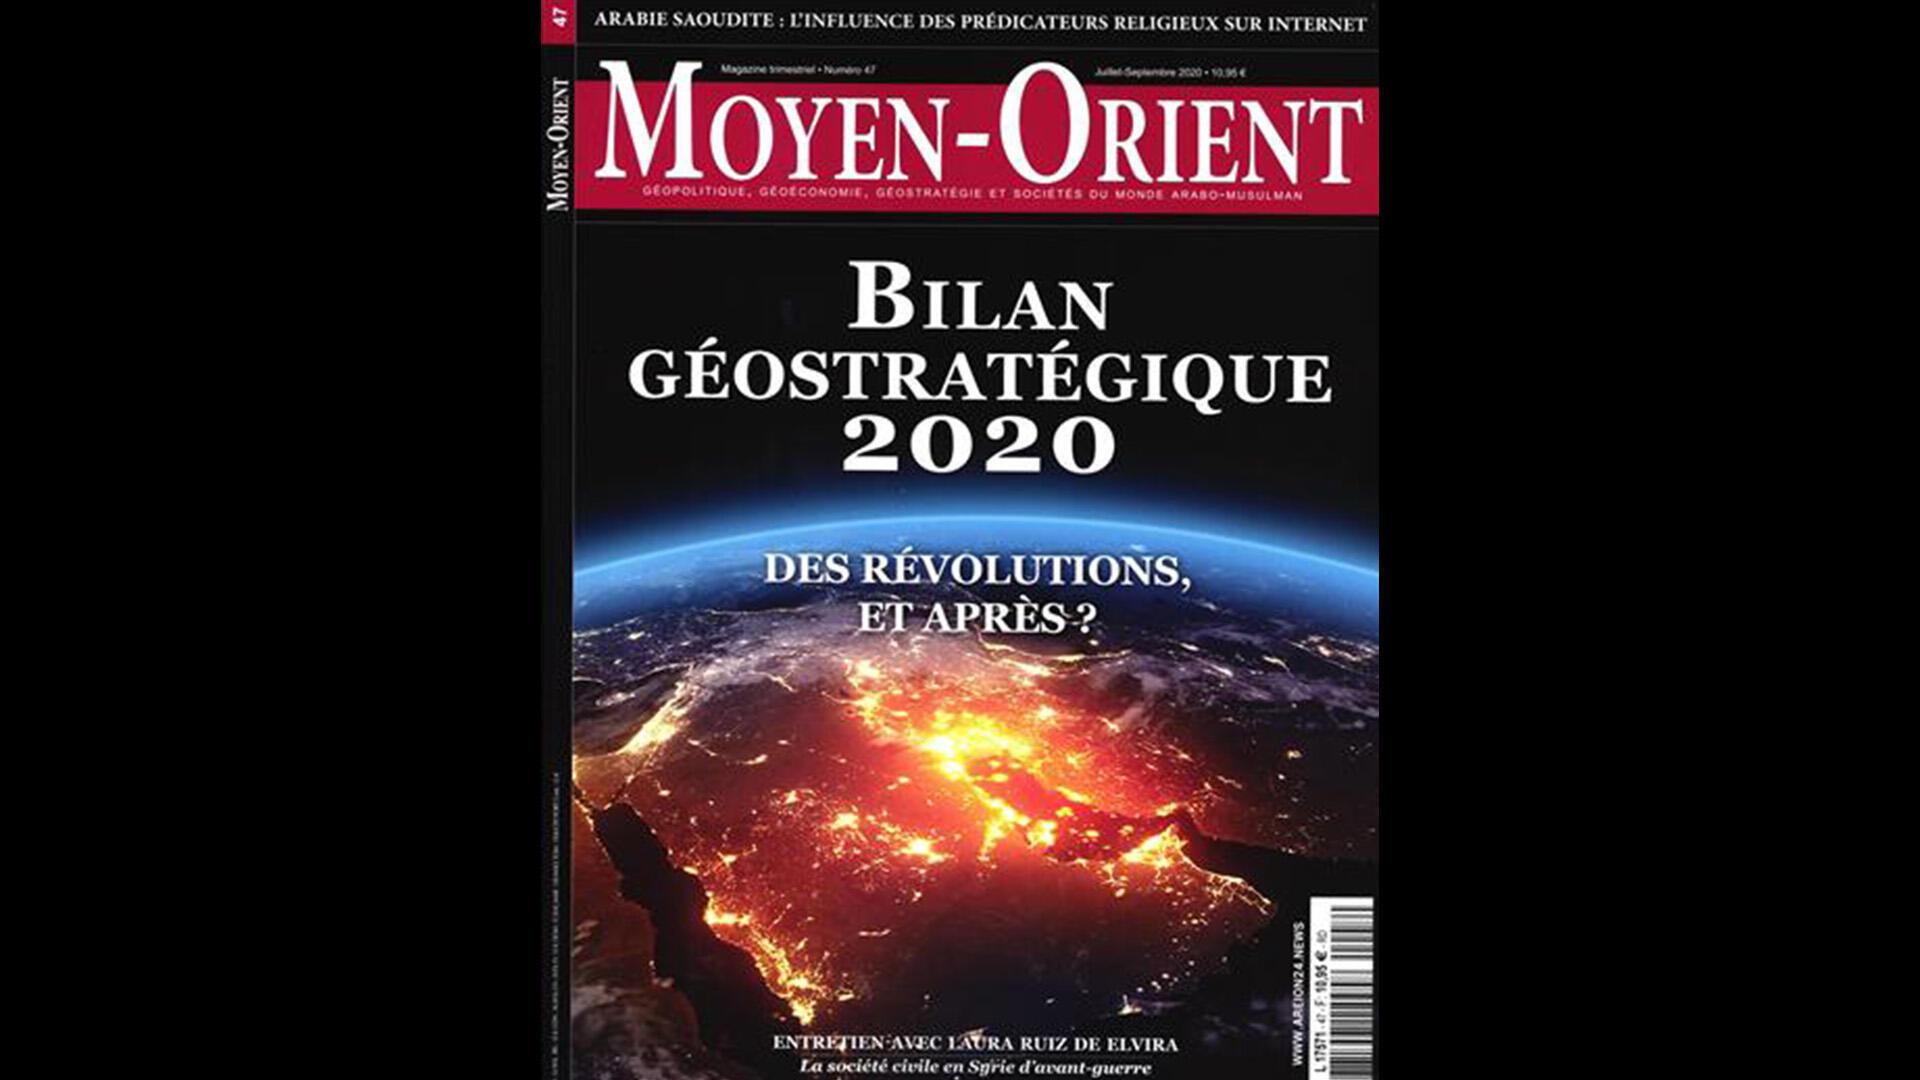 Le dernier numéro de septembre de la revue Moyen-Orient.